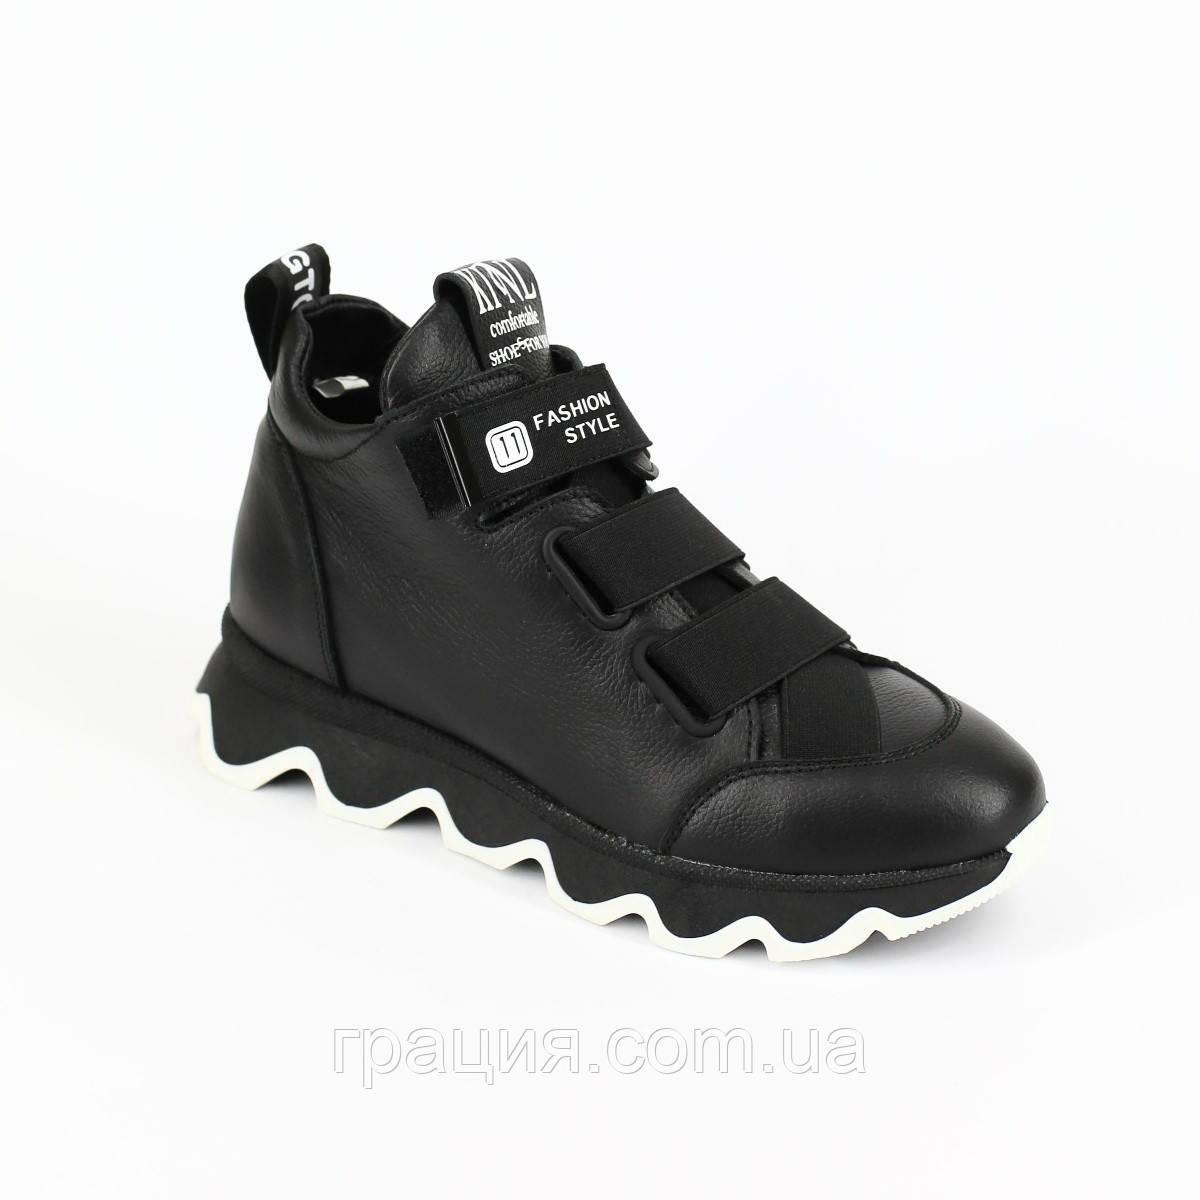 Стильные молодежные зимние кожаные кроссовки